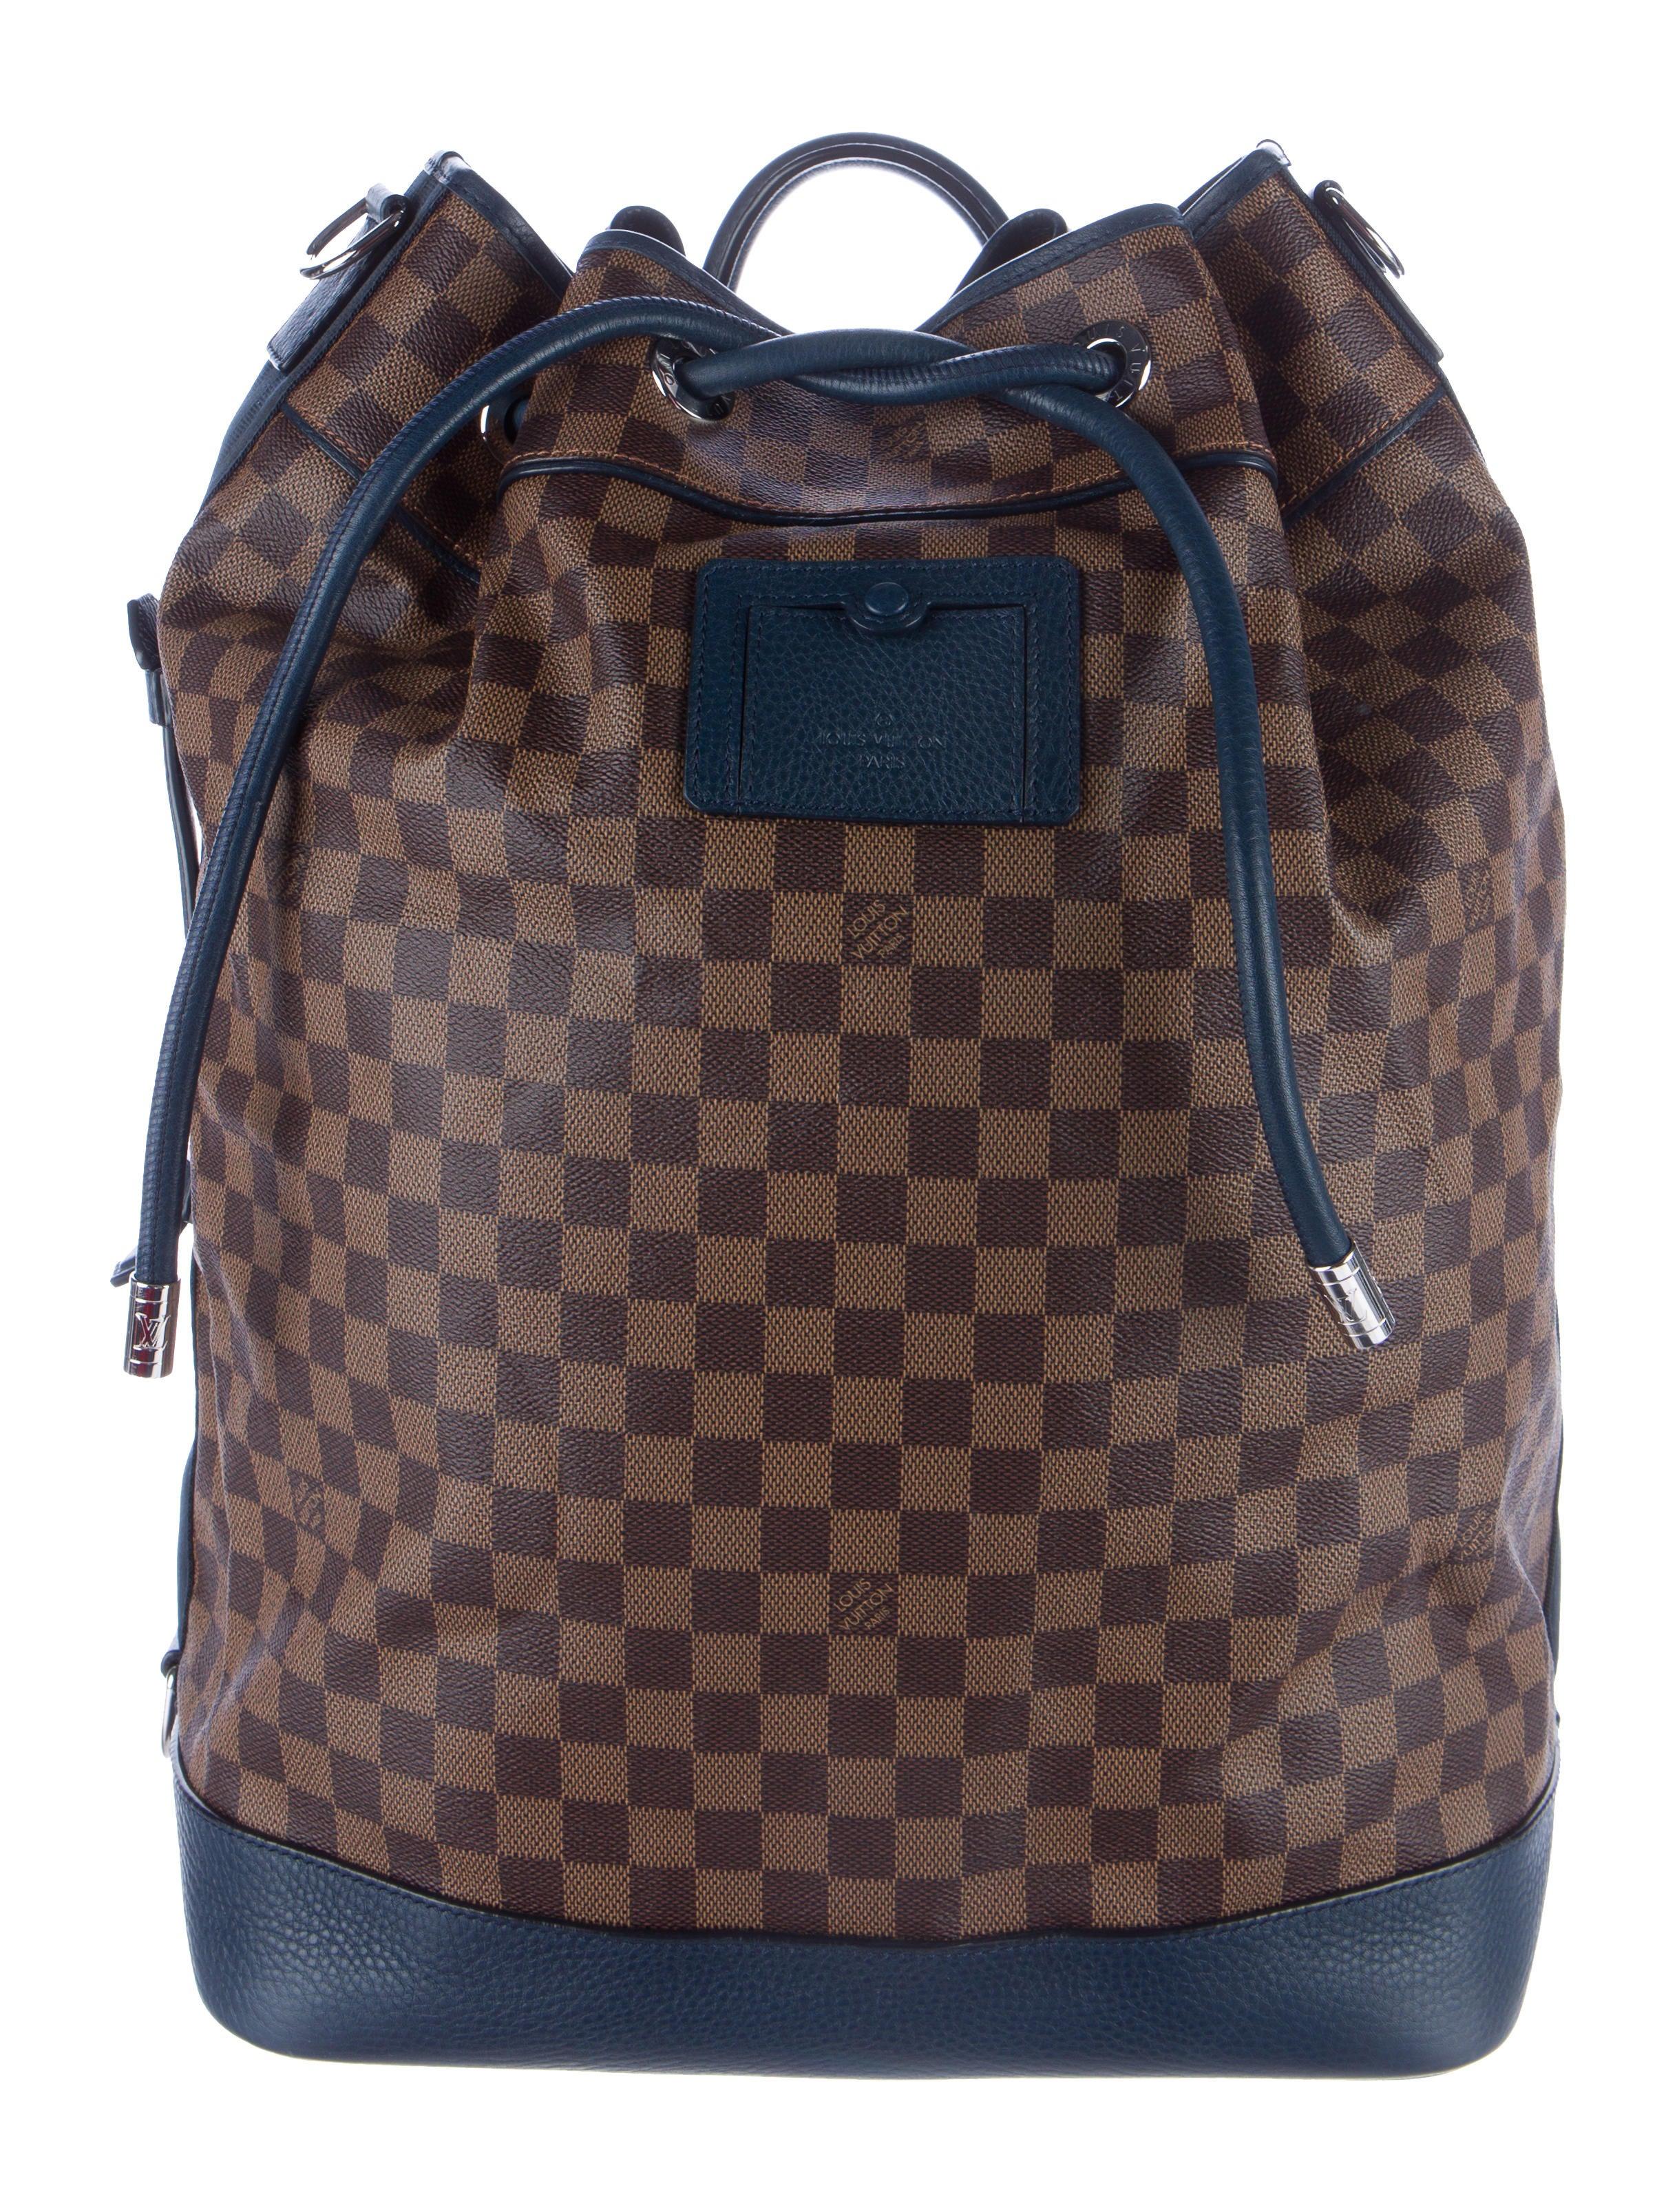 c45a797a761 Louis Vuitton Sac Marin Gm